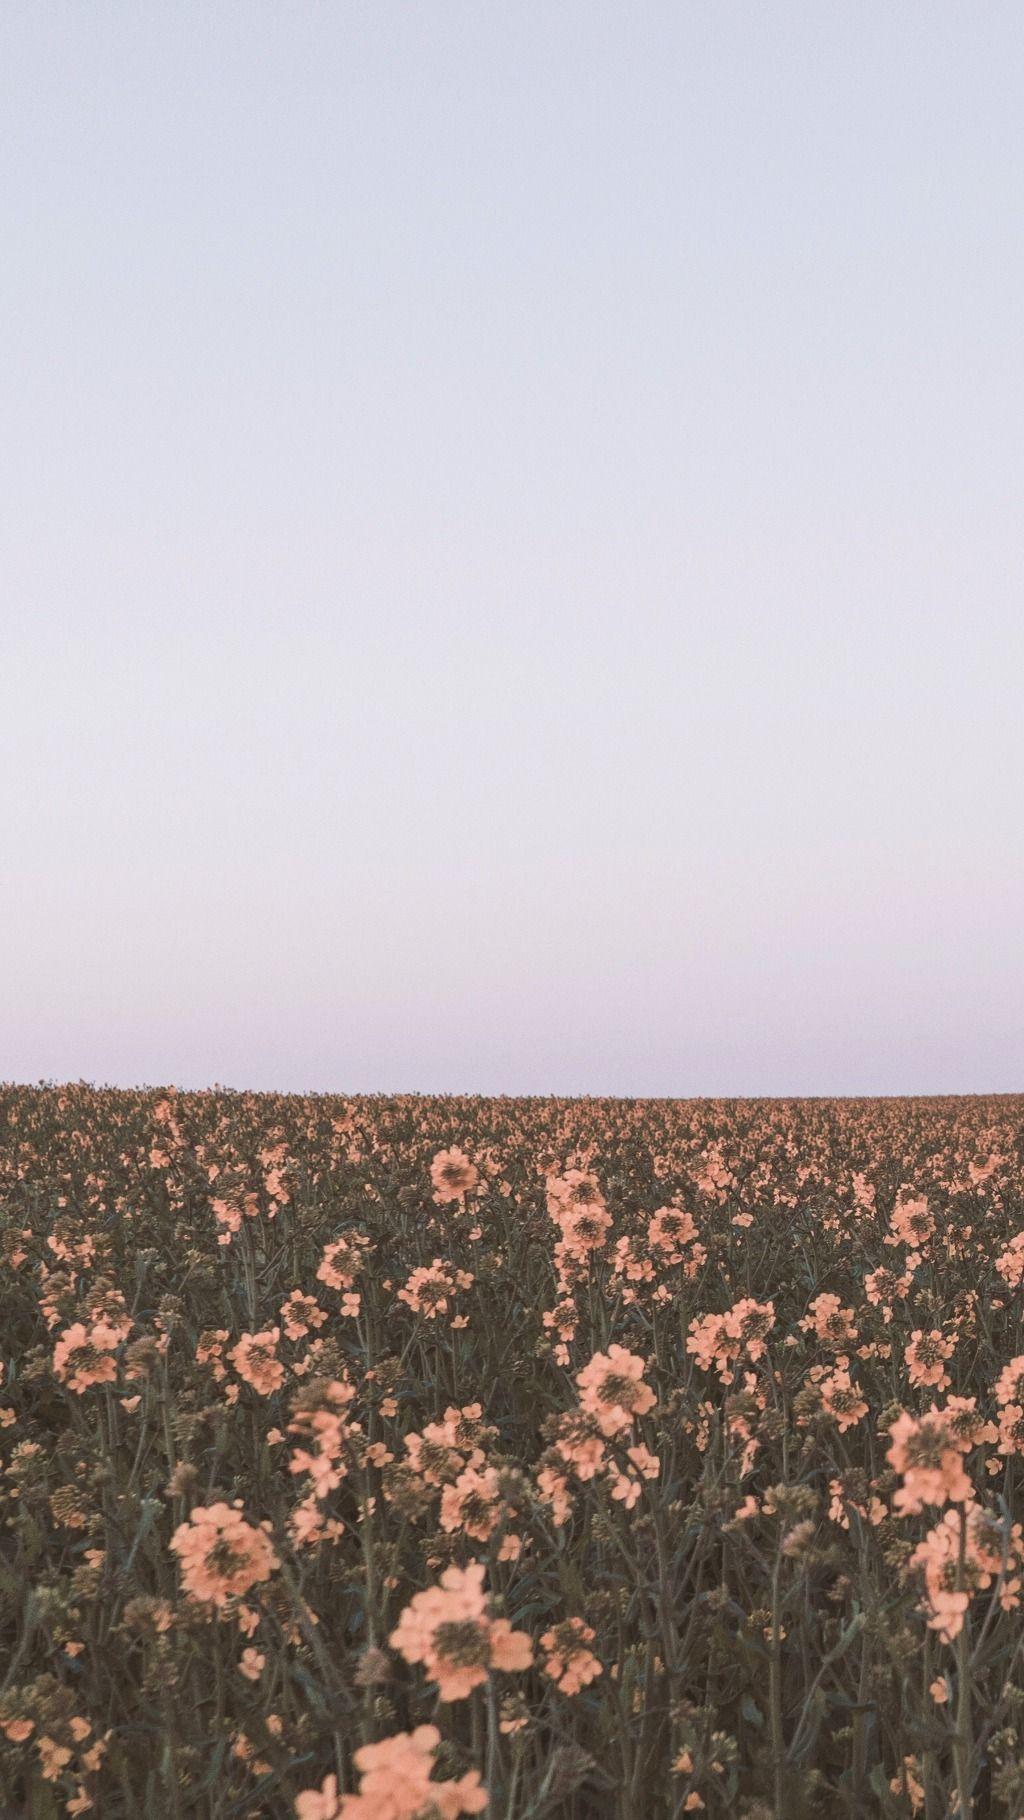 핸드폰 배경화면 초고화질 다운로드 15 #감성 #자연 #인스타그램 #필카 #꽃 #Instagram #iphone #background #nature #flower